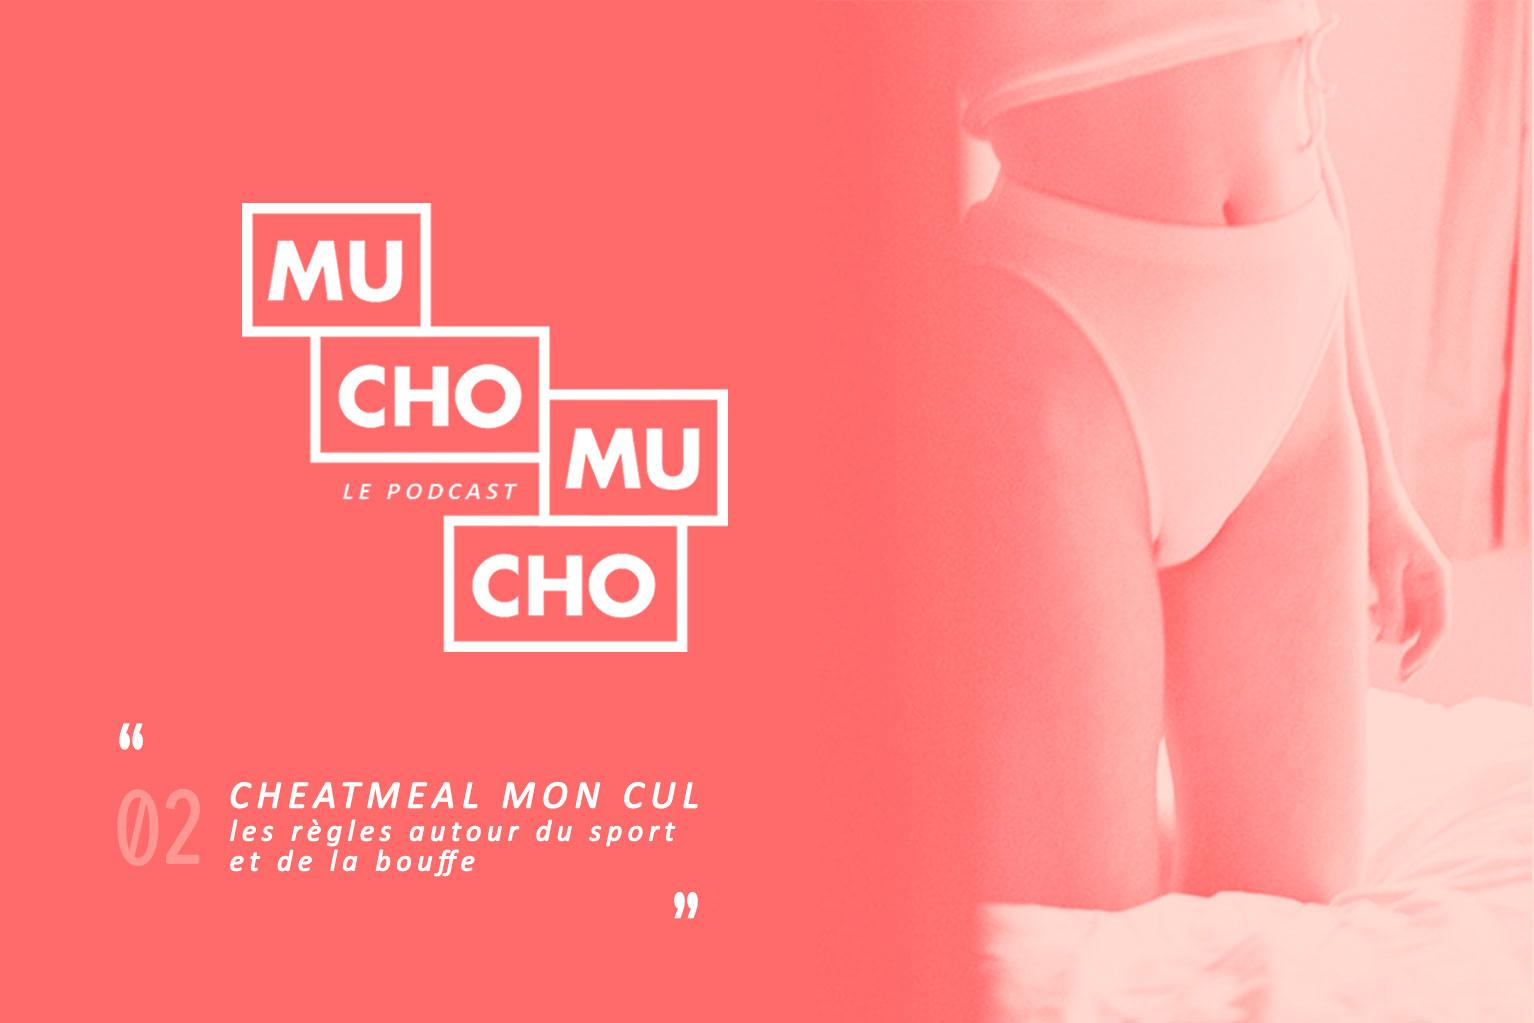 Mucho Mucho #02︱Cheatmeal mon cul (les règles autour du sport et de la bouffe)